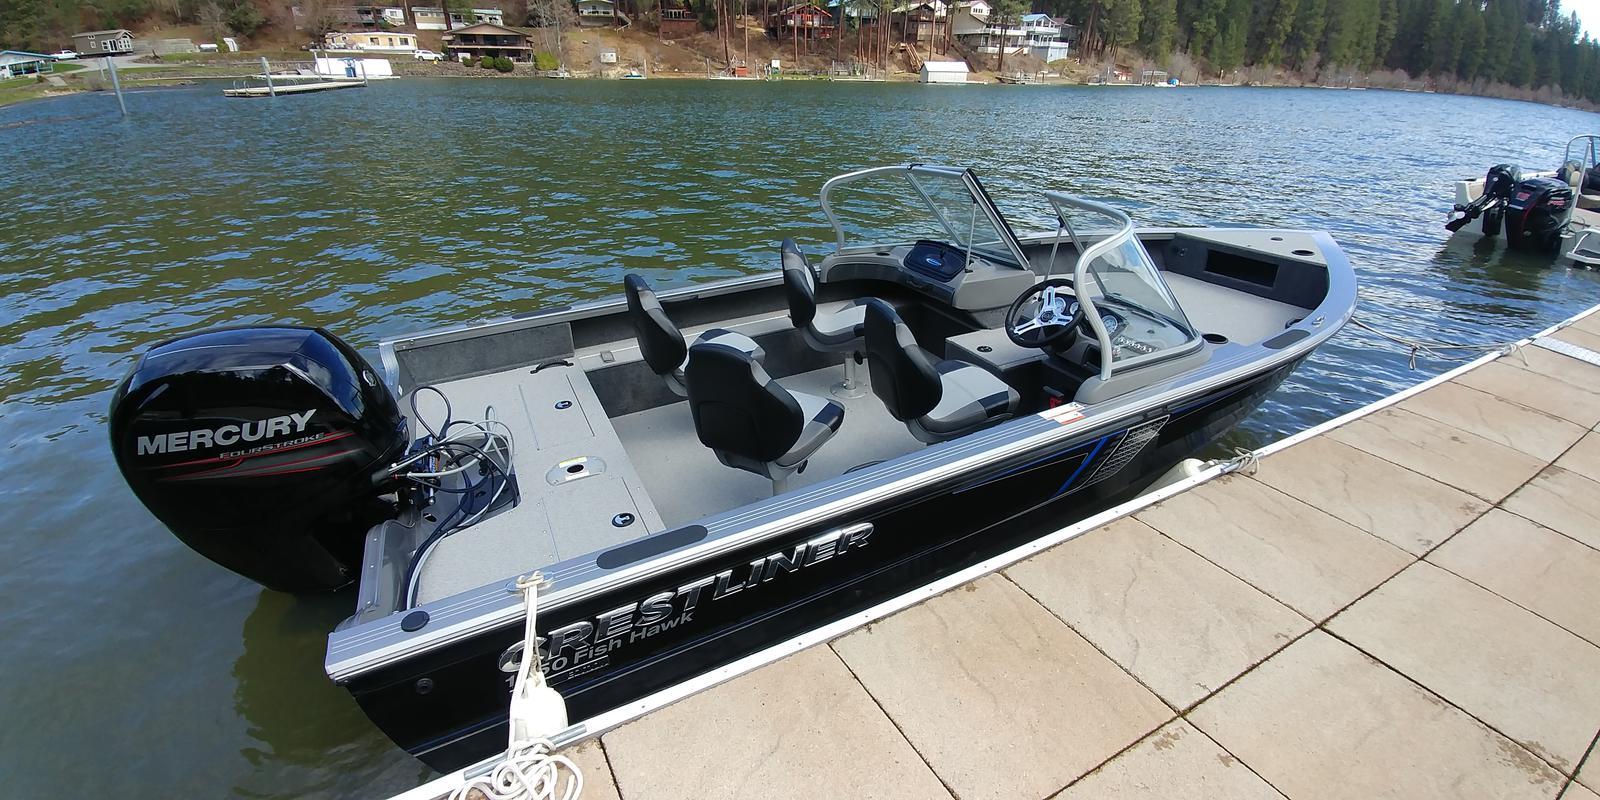 2018 CRESTLINER 1850 FISH HAWK WALK THROUGH for sale